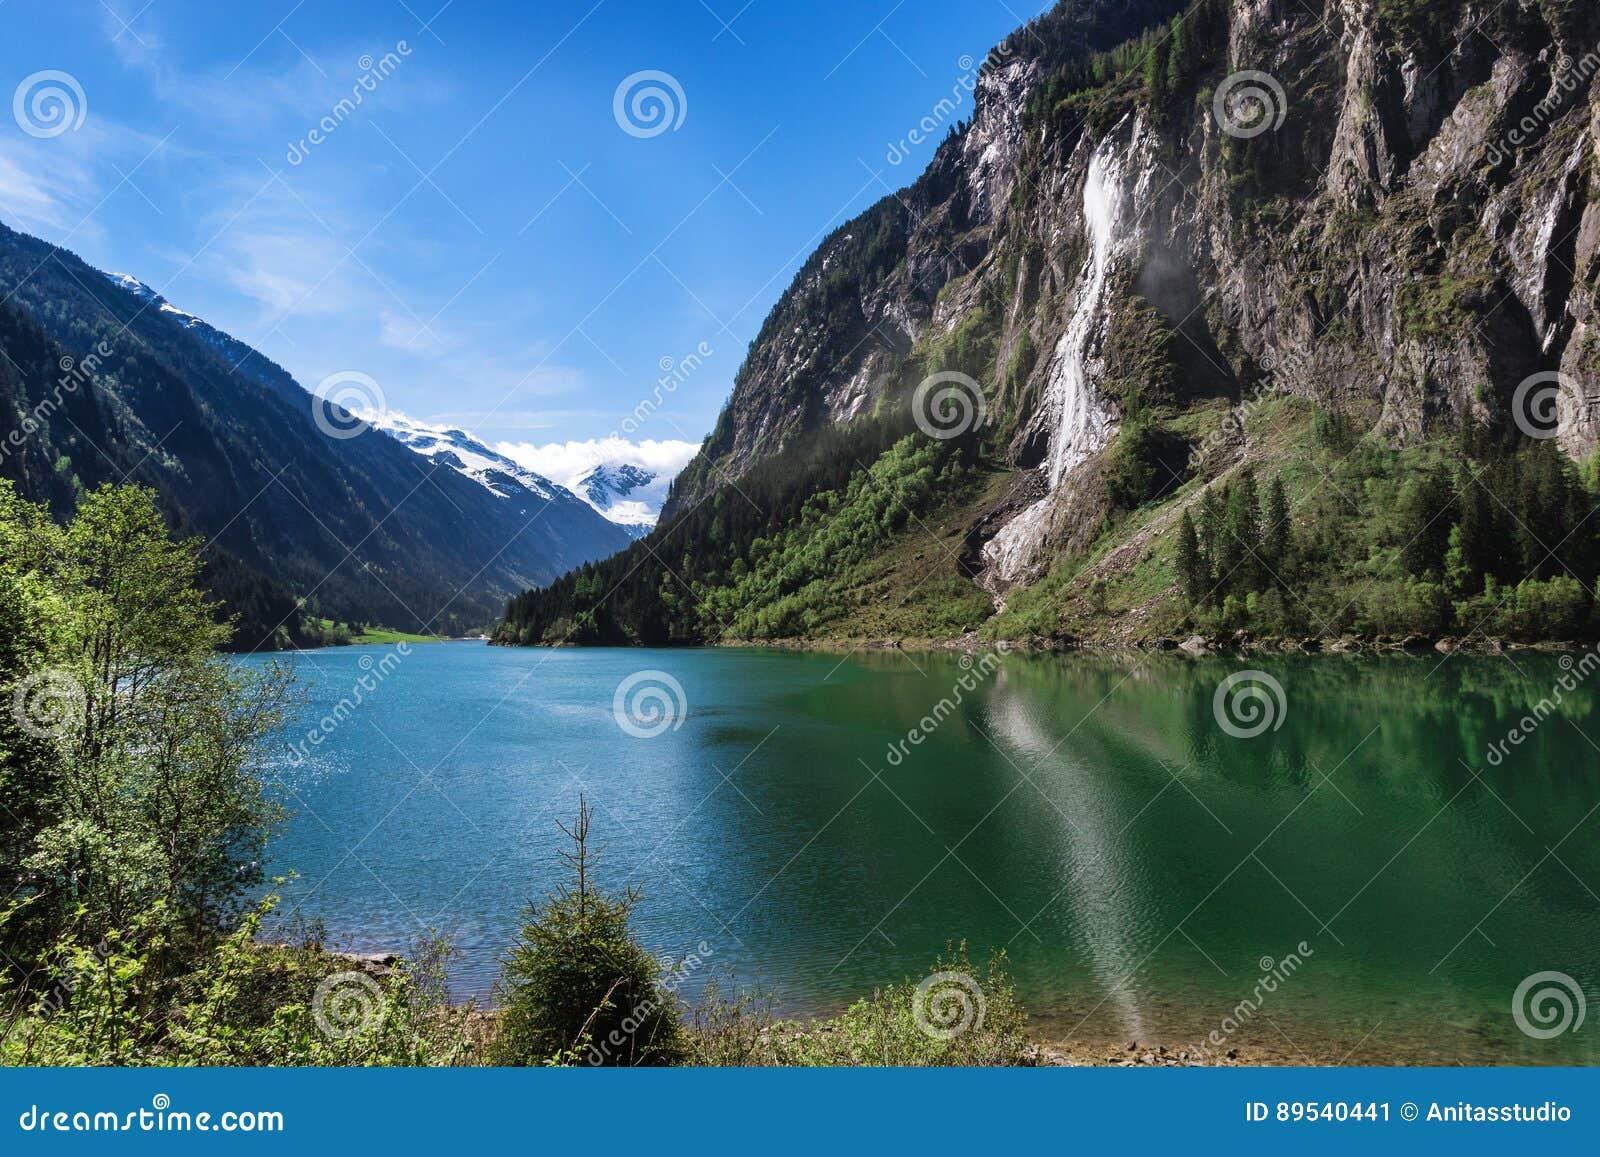 Scnique Alpin De Lac Mountain Paysage Autrichien Montagne Dt Tri D T Stillup